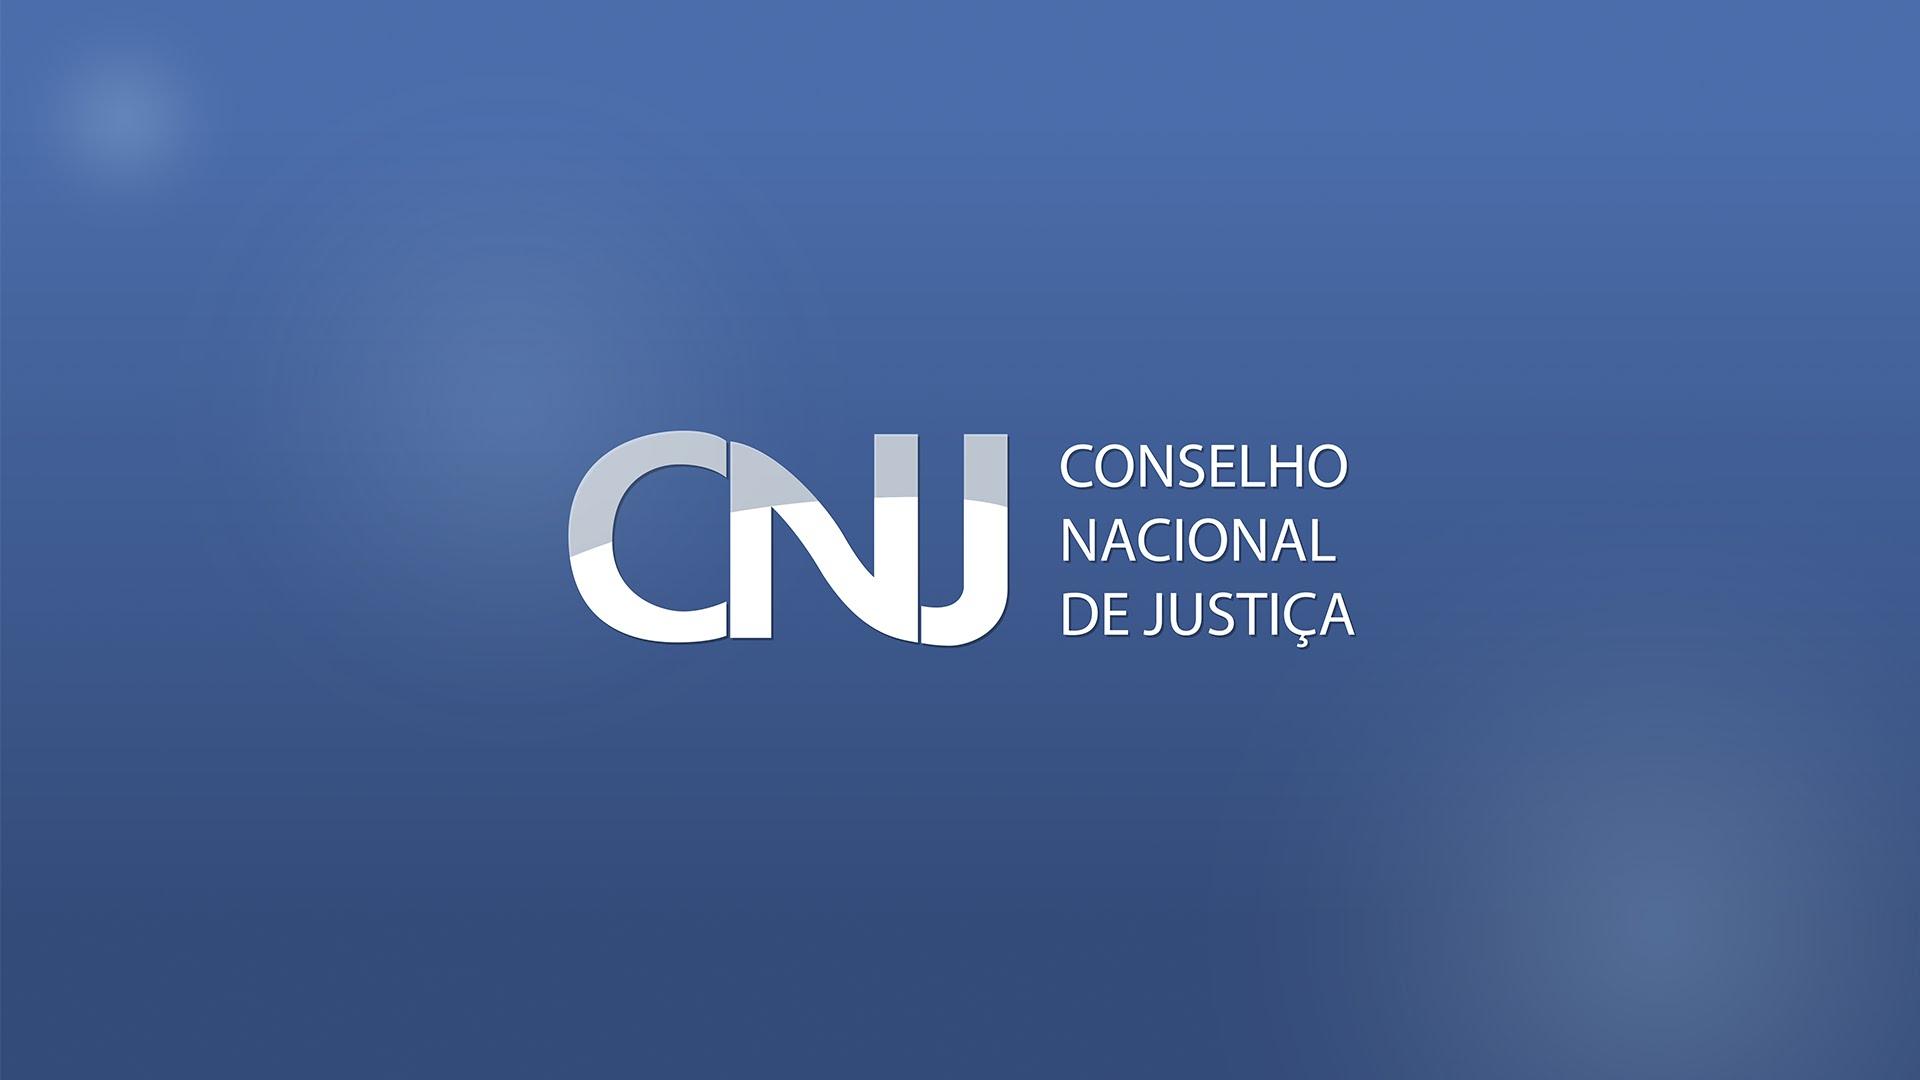 Provimento Nº 67 Do CNJ Dispõe Sobre Os Procedimentos De Conciliação E Mediação Nos Serviços De Notas E De Registro Do País